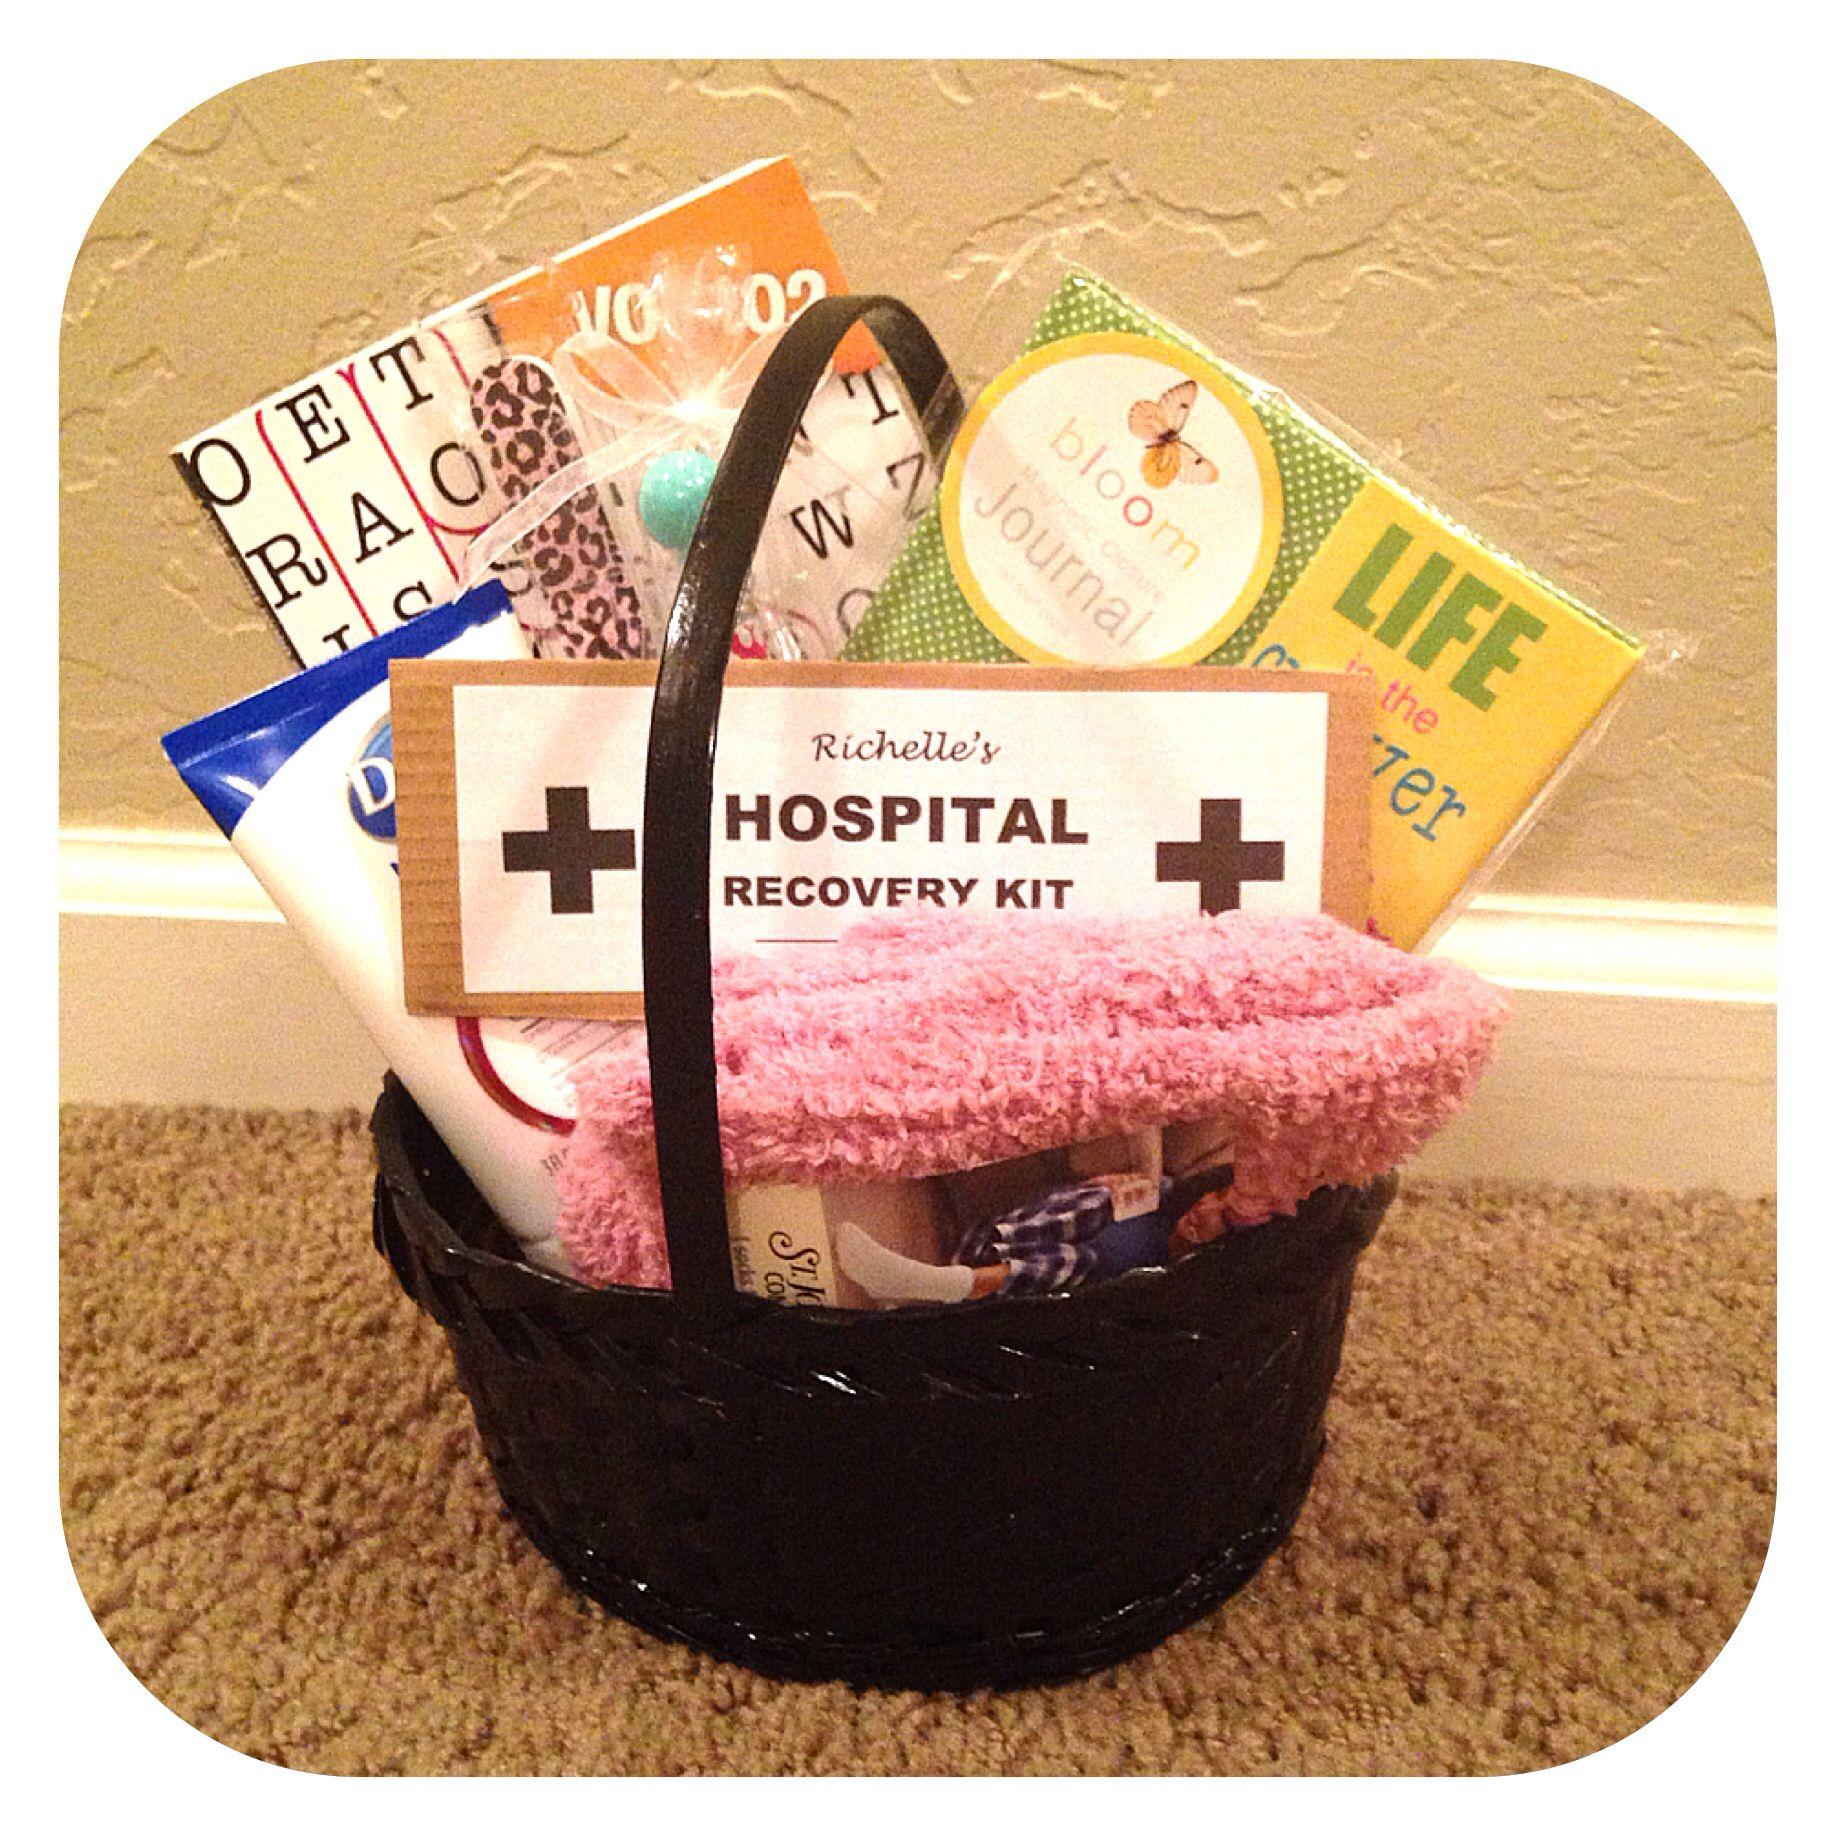 DIY Hospital Recovery Kit idea. Lotion, nail file, fuzzy socks, word ...